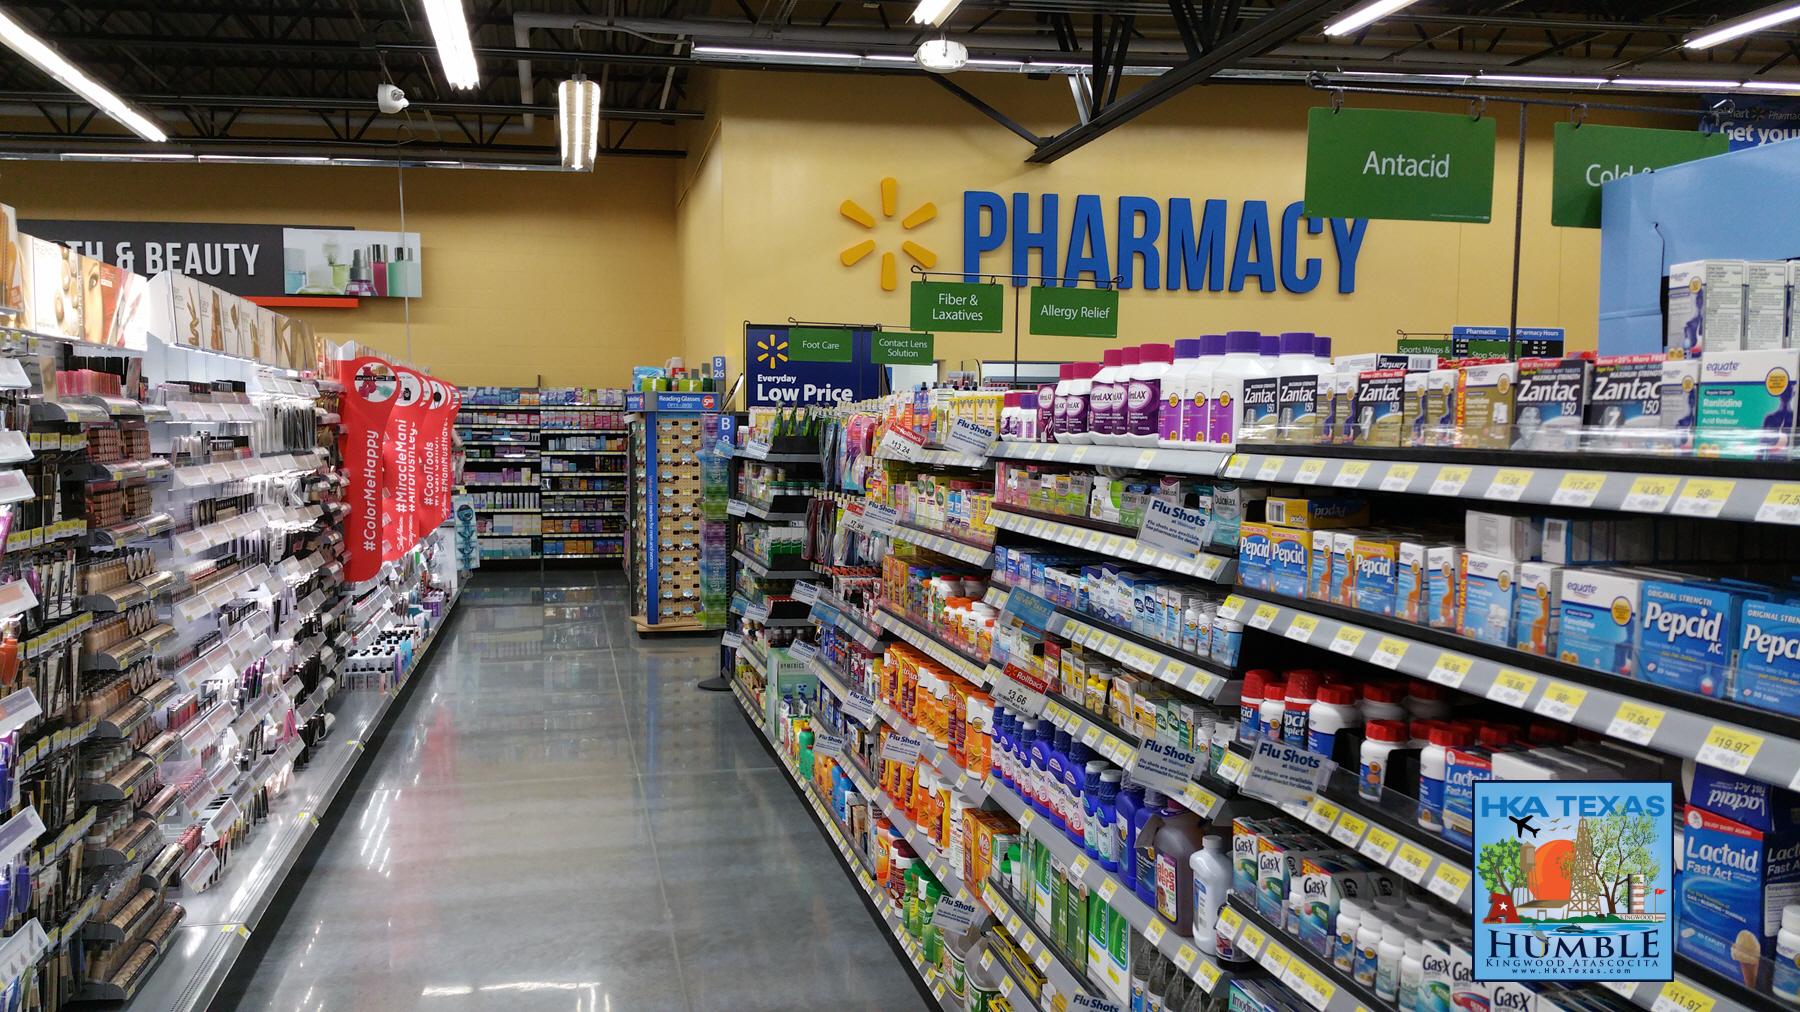 Walmart Neighborhood Market Is Now Open In Atascocita Photos